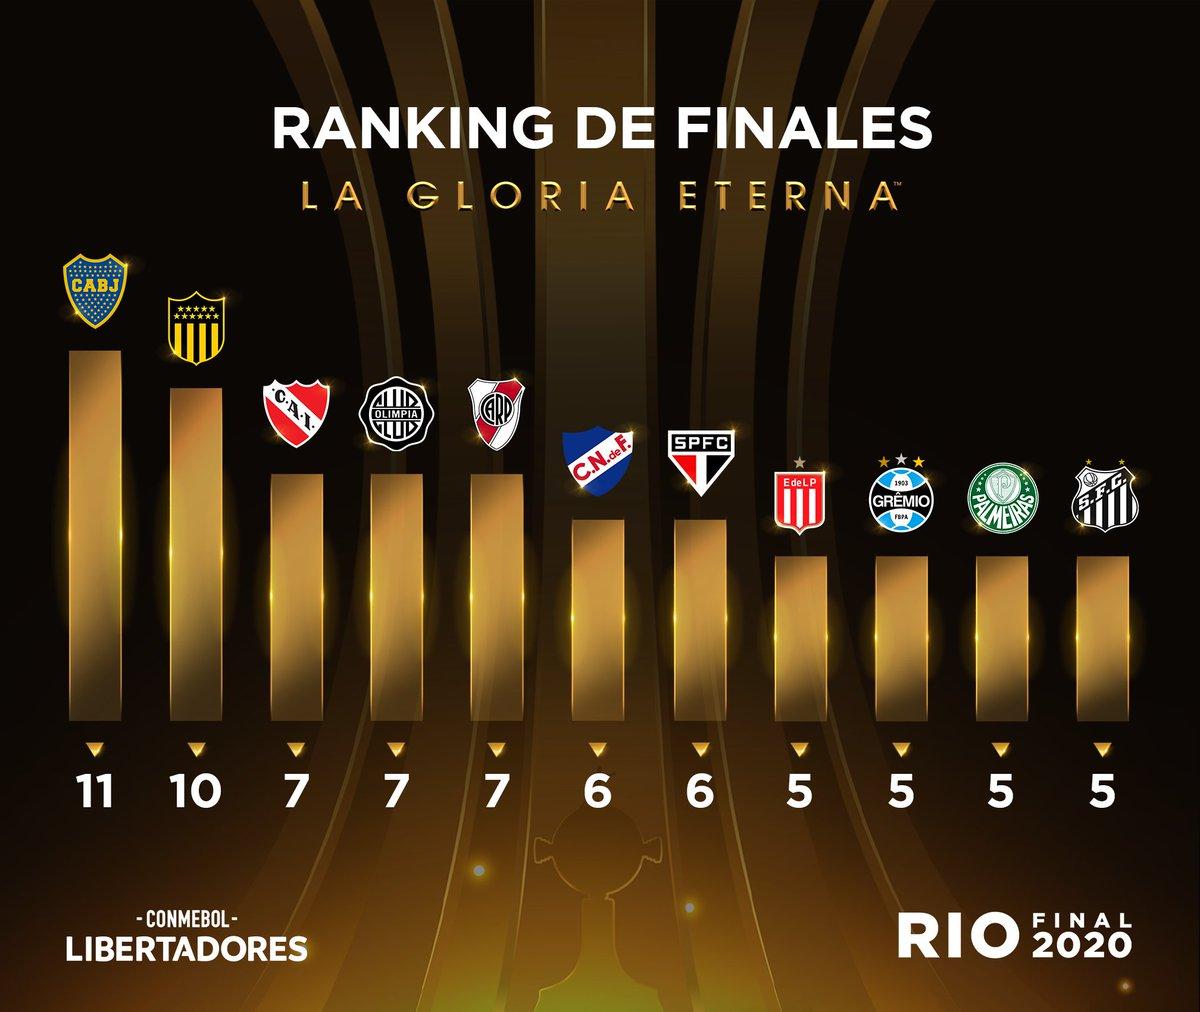 🏆 ¡La 5⃣ Final para ambos!  🇧🇷🔥 Tanto @Palmeiras como @SantosFC disputarán la definición de la CONMEBOL #Libertadores por quinta vez en su historia.  📈 Este es el ranking de los equipos que más llegaron a esa instancia.